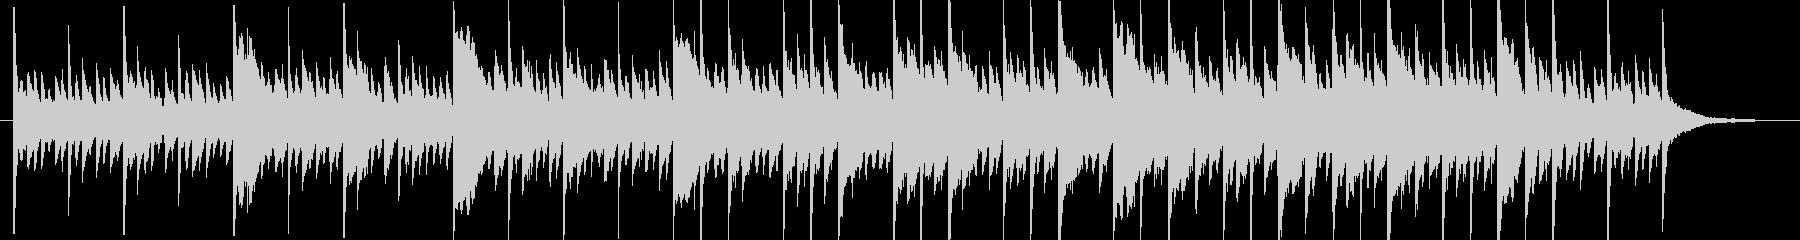 アンビエントミュージック 淡々 憂...の未再生の波形